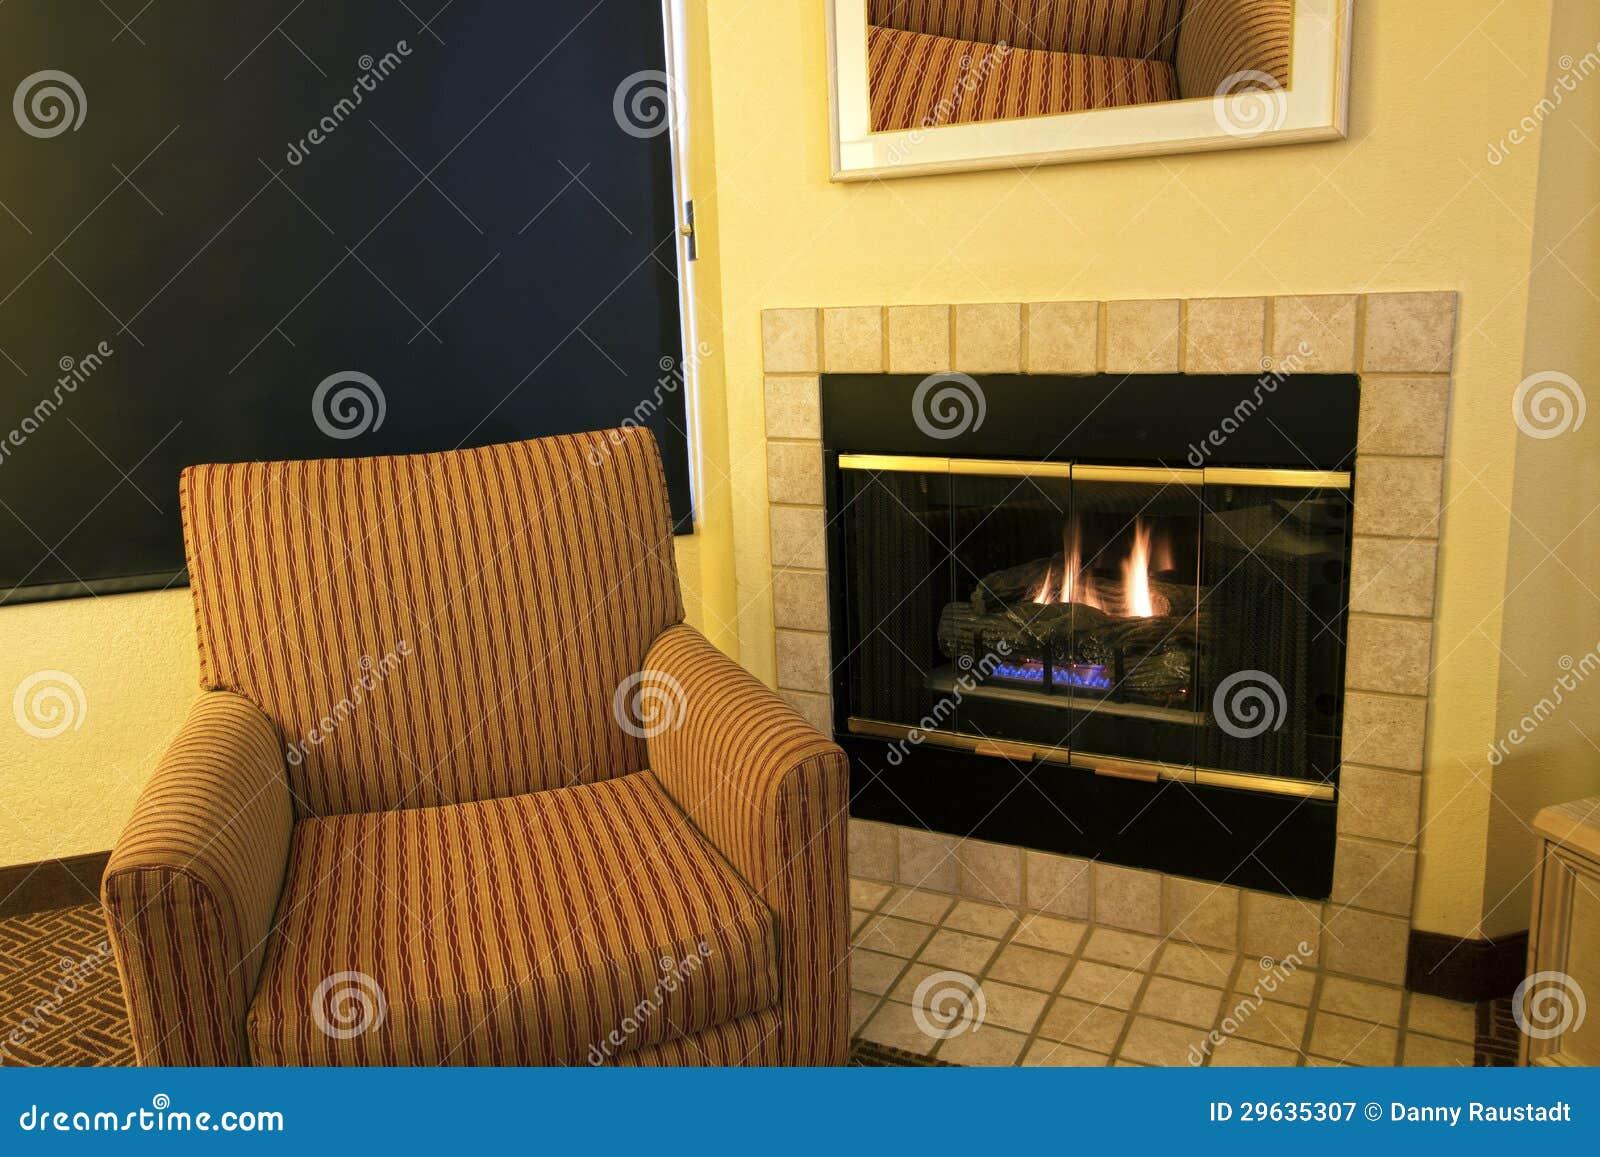 moderner wohnungs-wohnzimmer-kamin lizenzfreie stockfotografie, Hause ideen